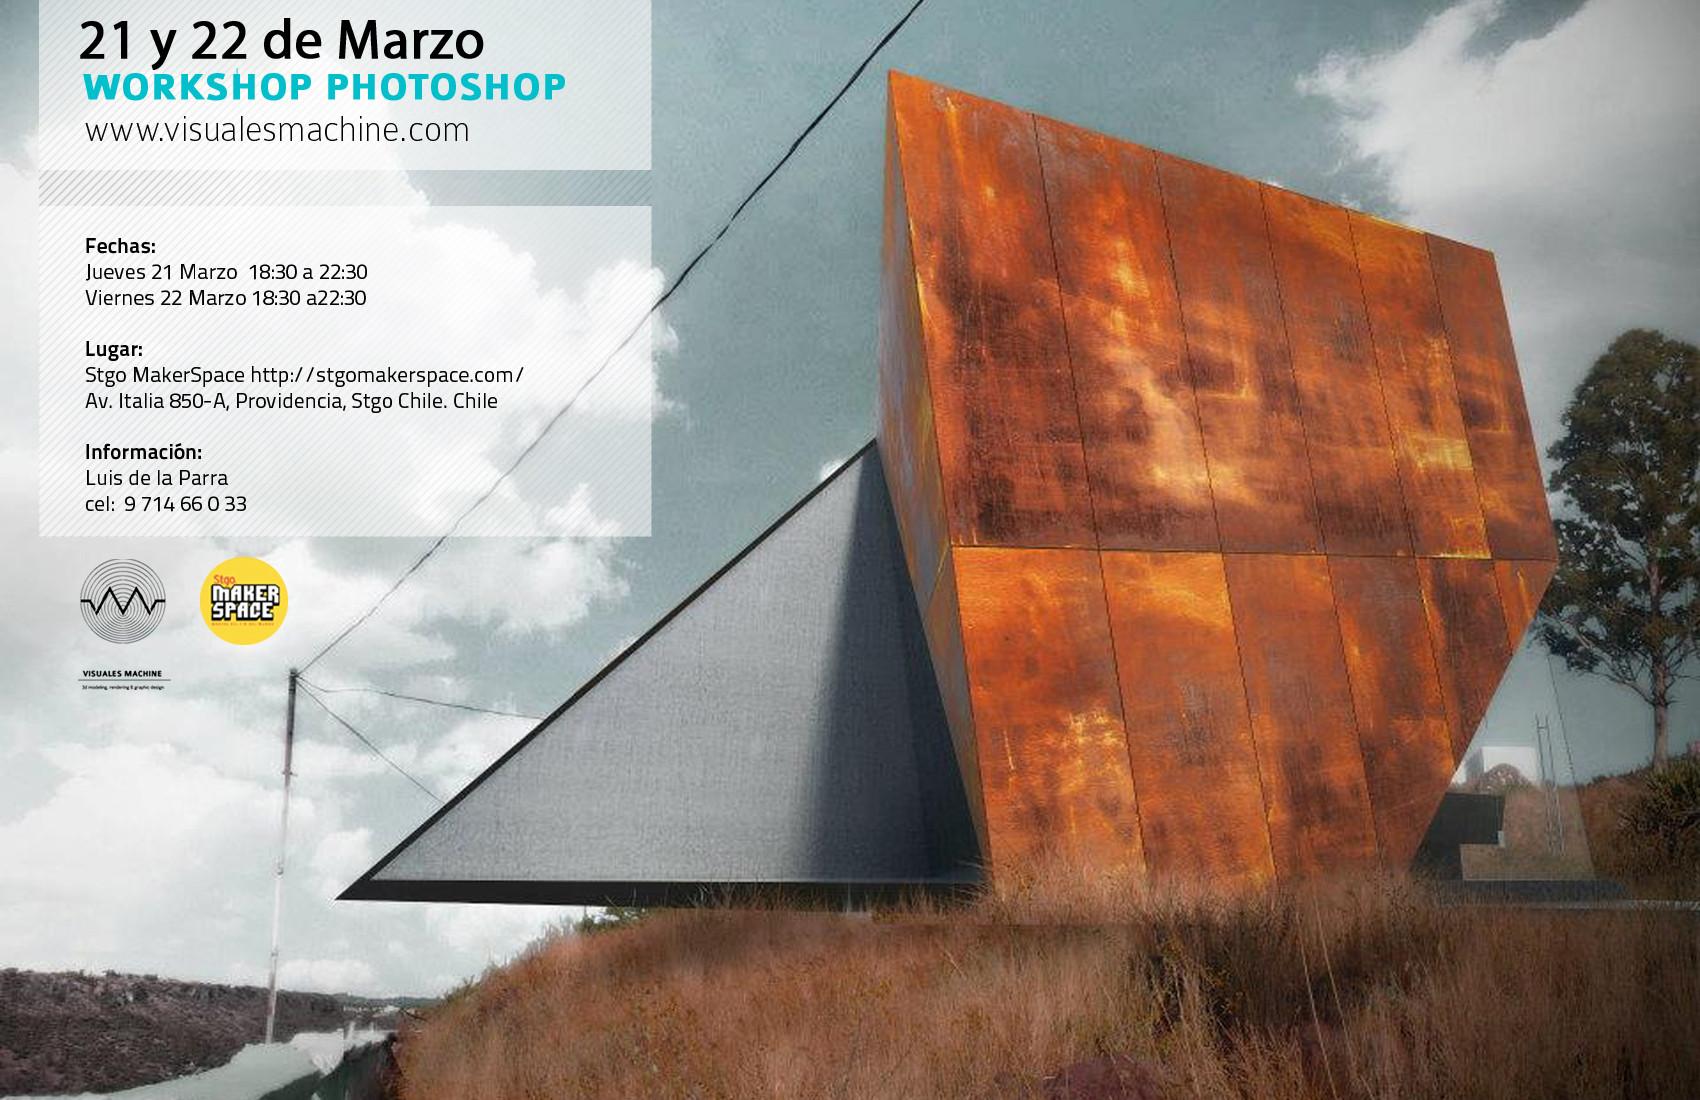 Workshop Photoshop en Santiago de Chile / Visuales Machine [¡Sorteamos un Cupo!]